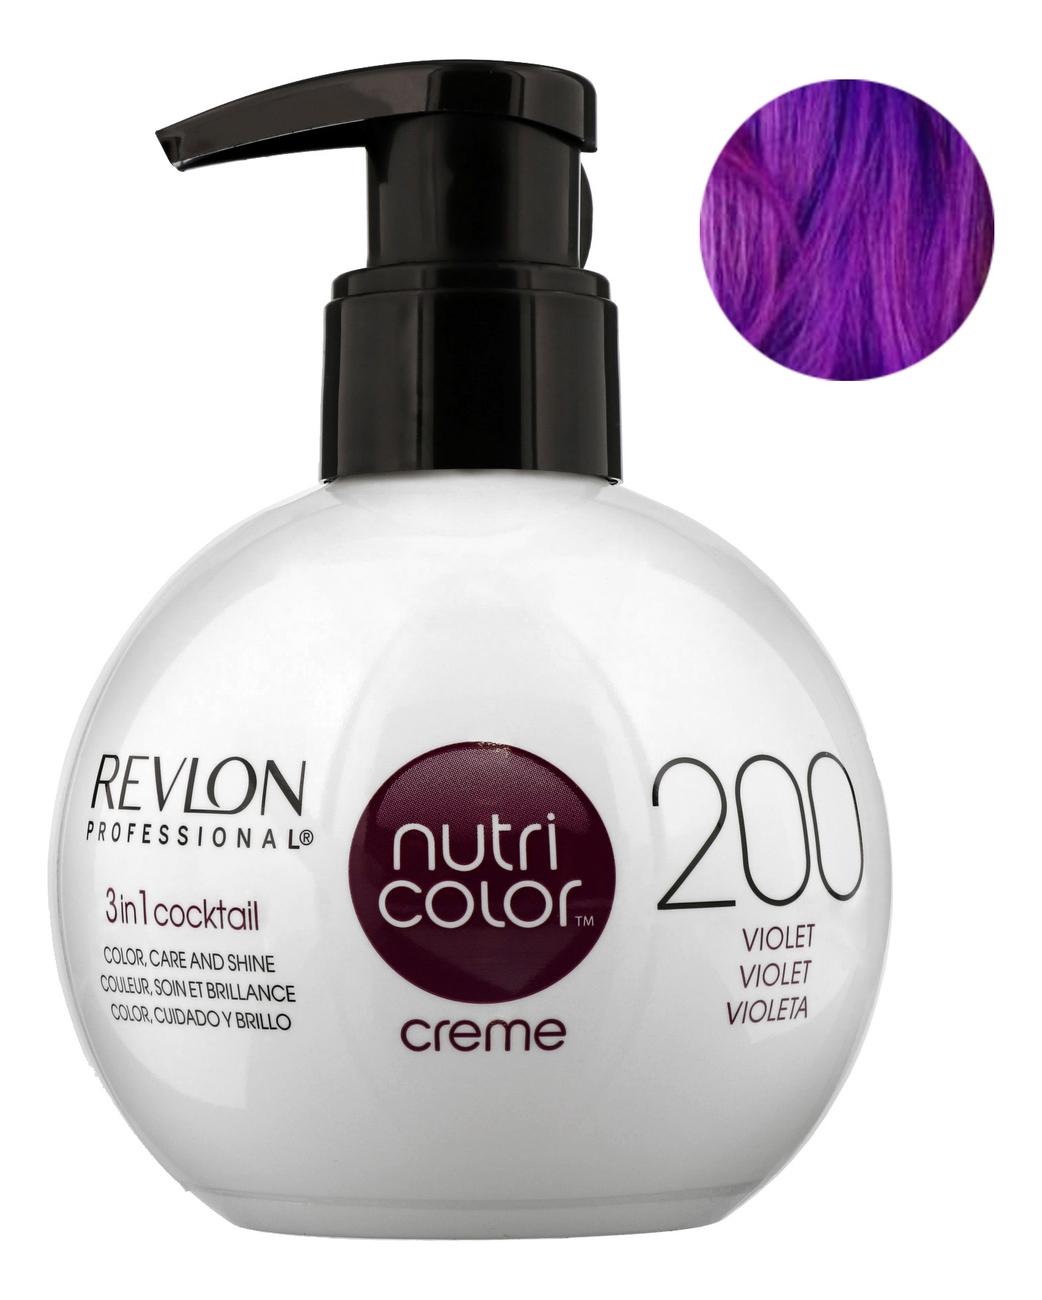 Краска для волос Nutri Color Creme 200 Violet: Краска 270мл